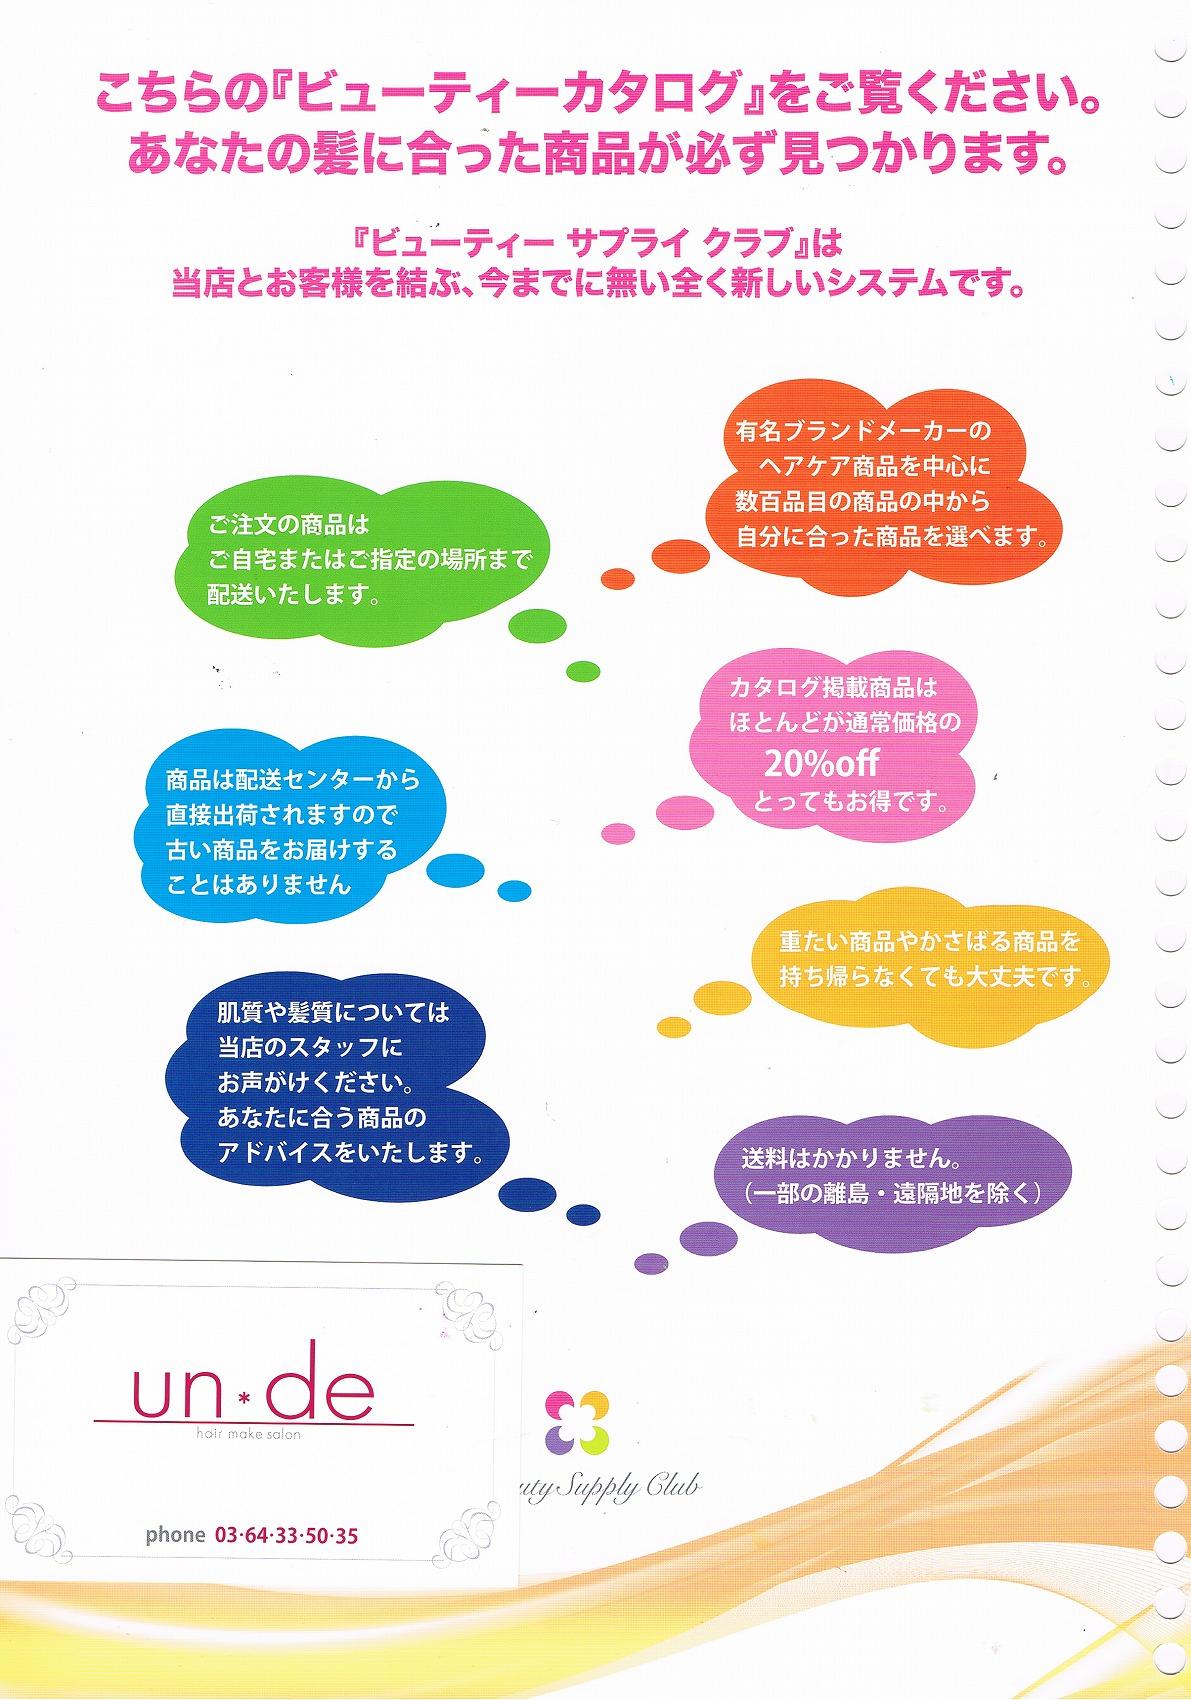 CCI20160504_00001